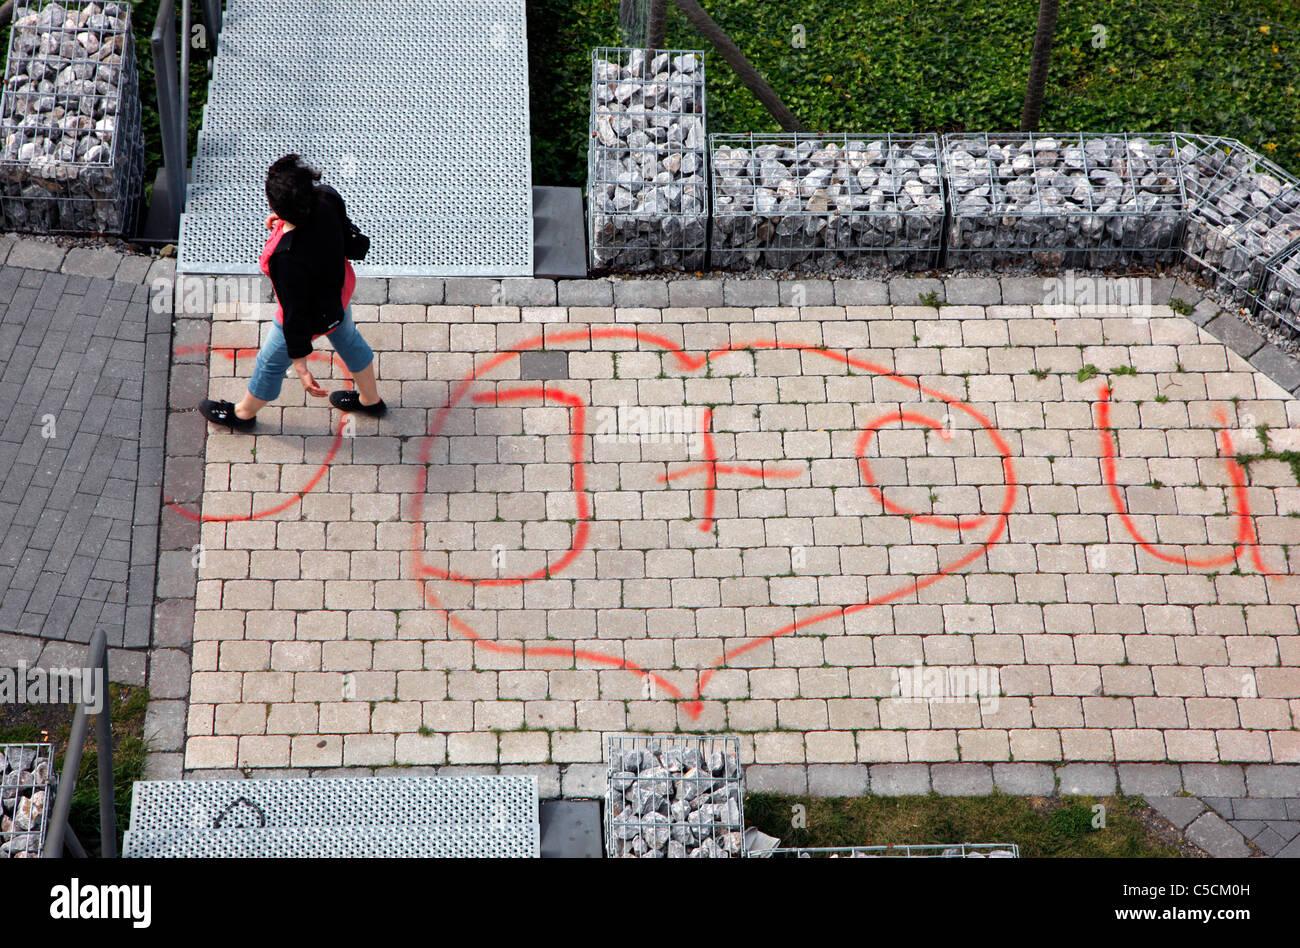 Dichiarazione di amore è stato spruzzato su un marciapiede. Immagini Stock